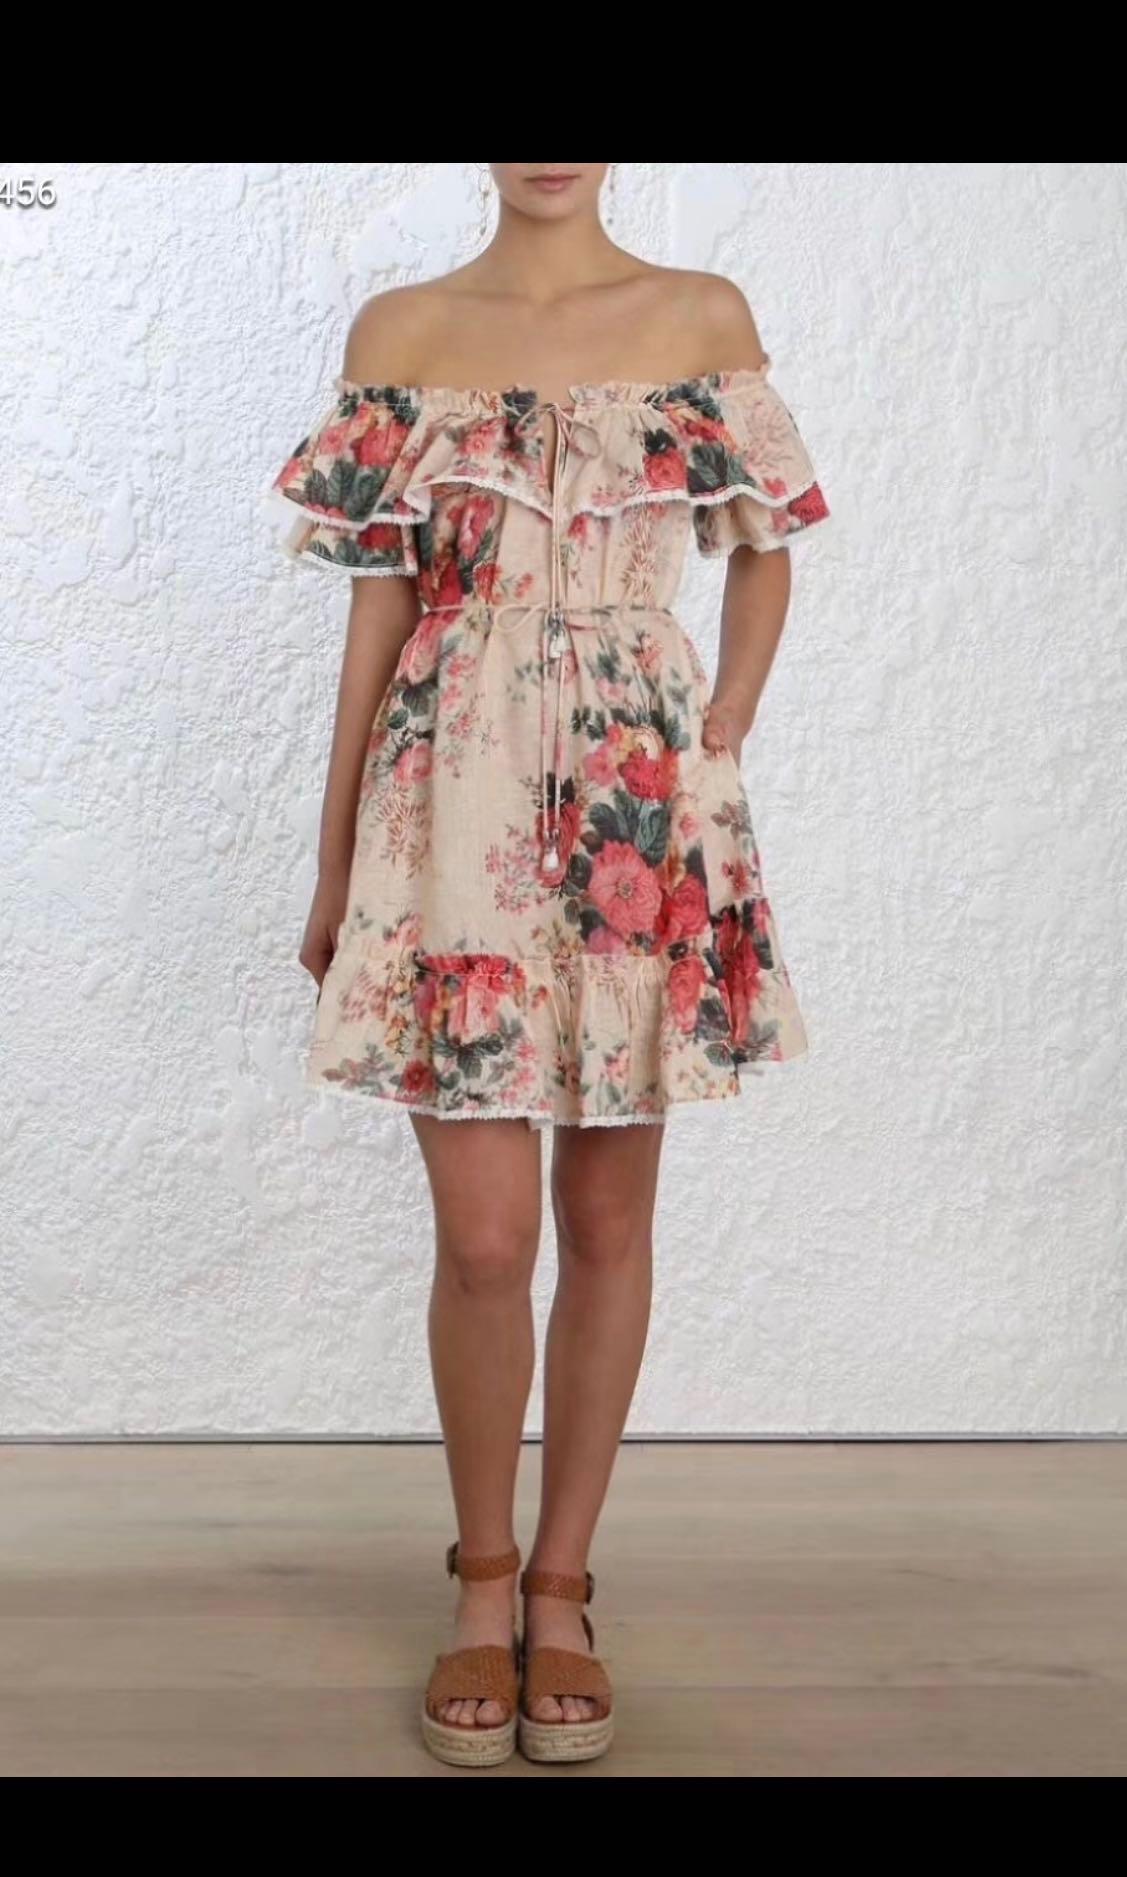 2d8cac0a962d BNWT Authentic Zimmermann Dress, Women's Fashion, Clothes, Dresses ...